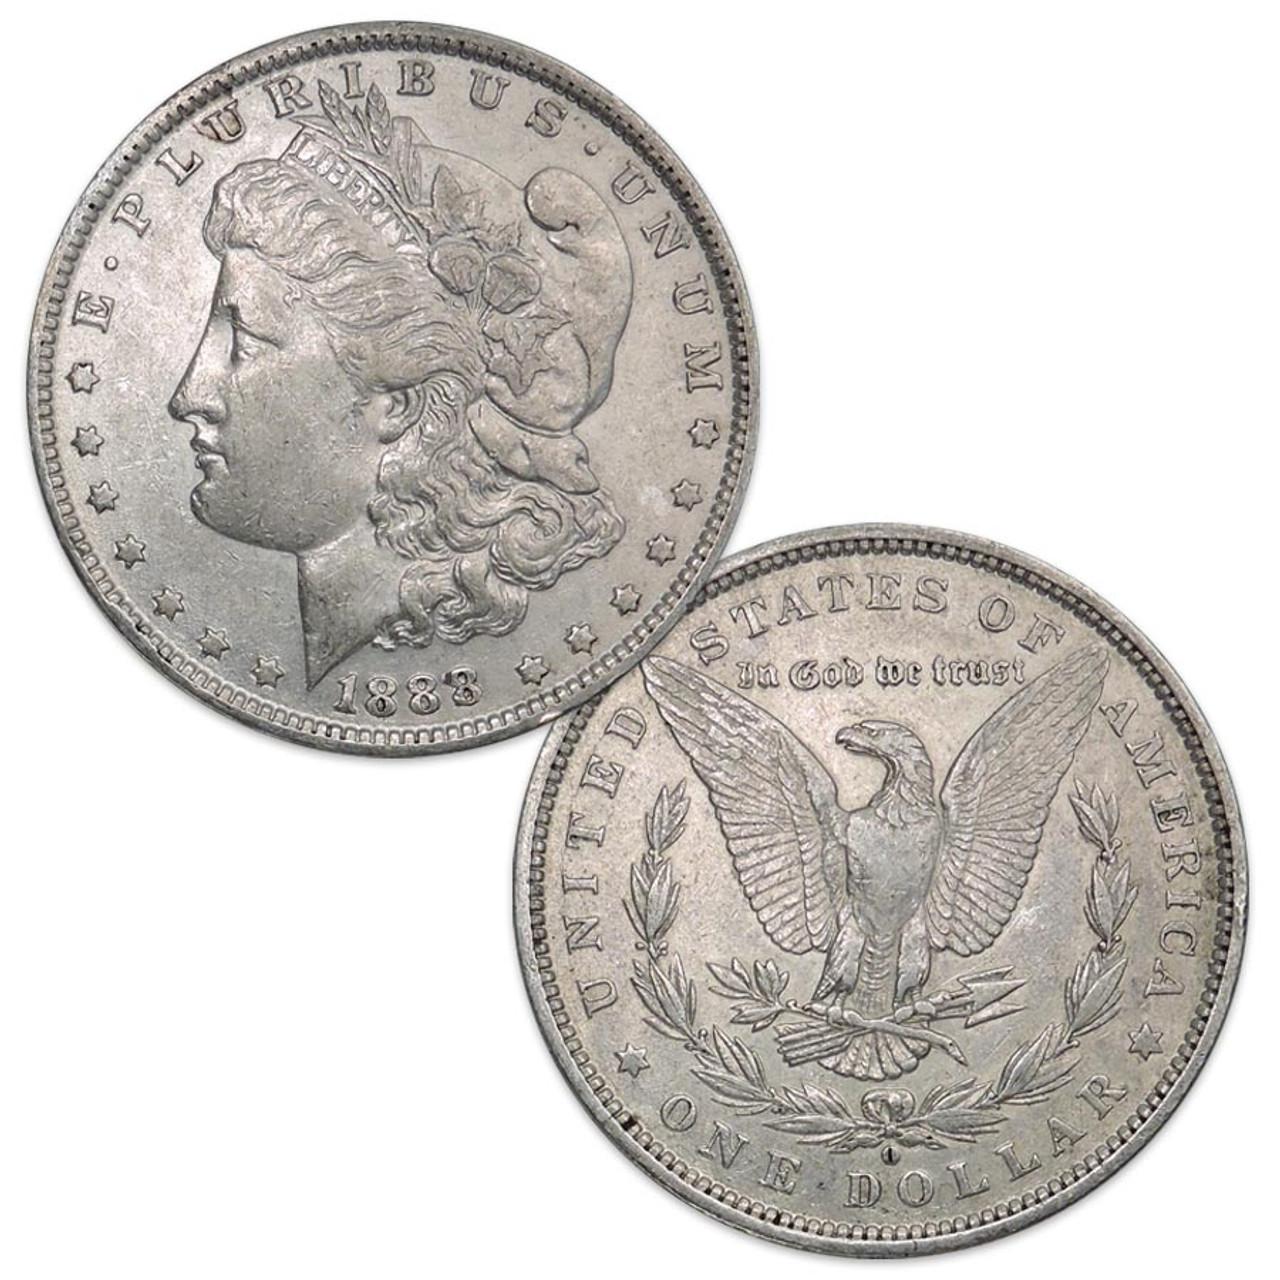 1888-O Morgan Silver Dollar Extra Fine Image 1